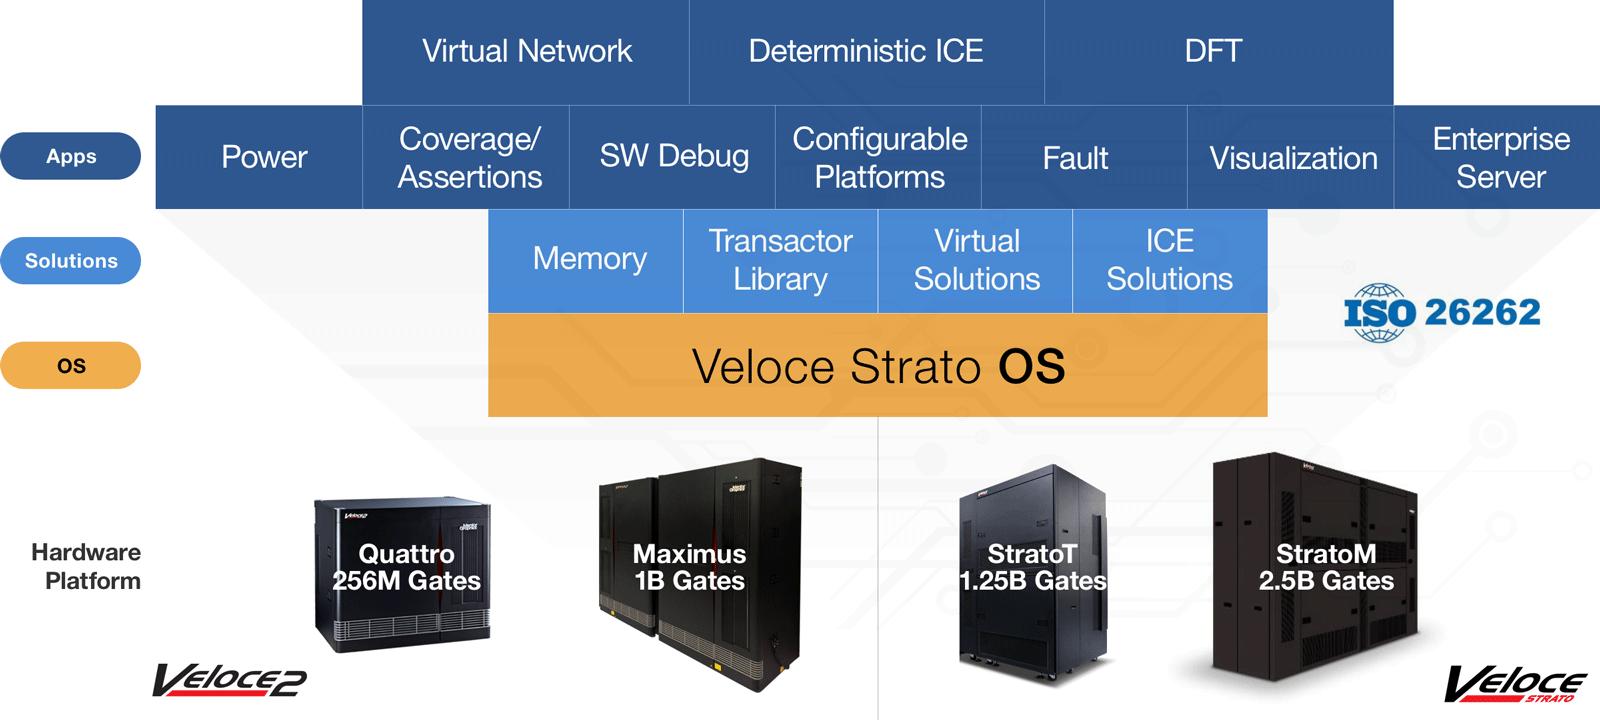 Veloce Emulation Platform - Mentor Graphics